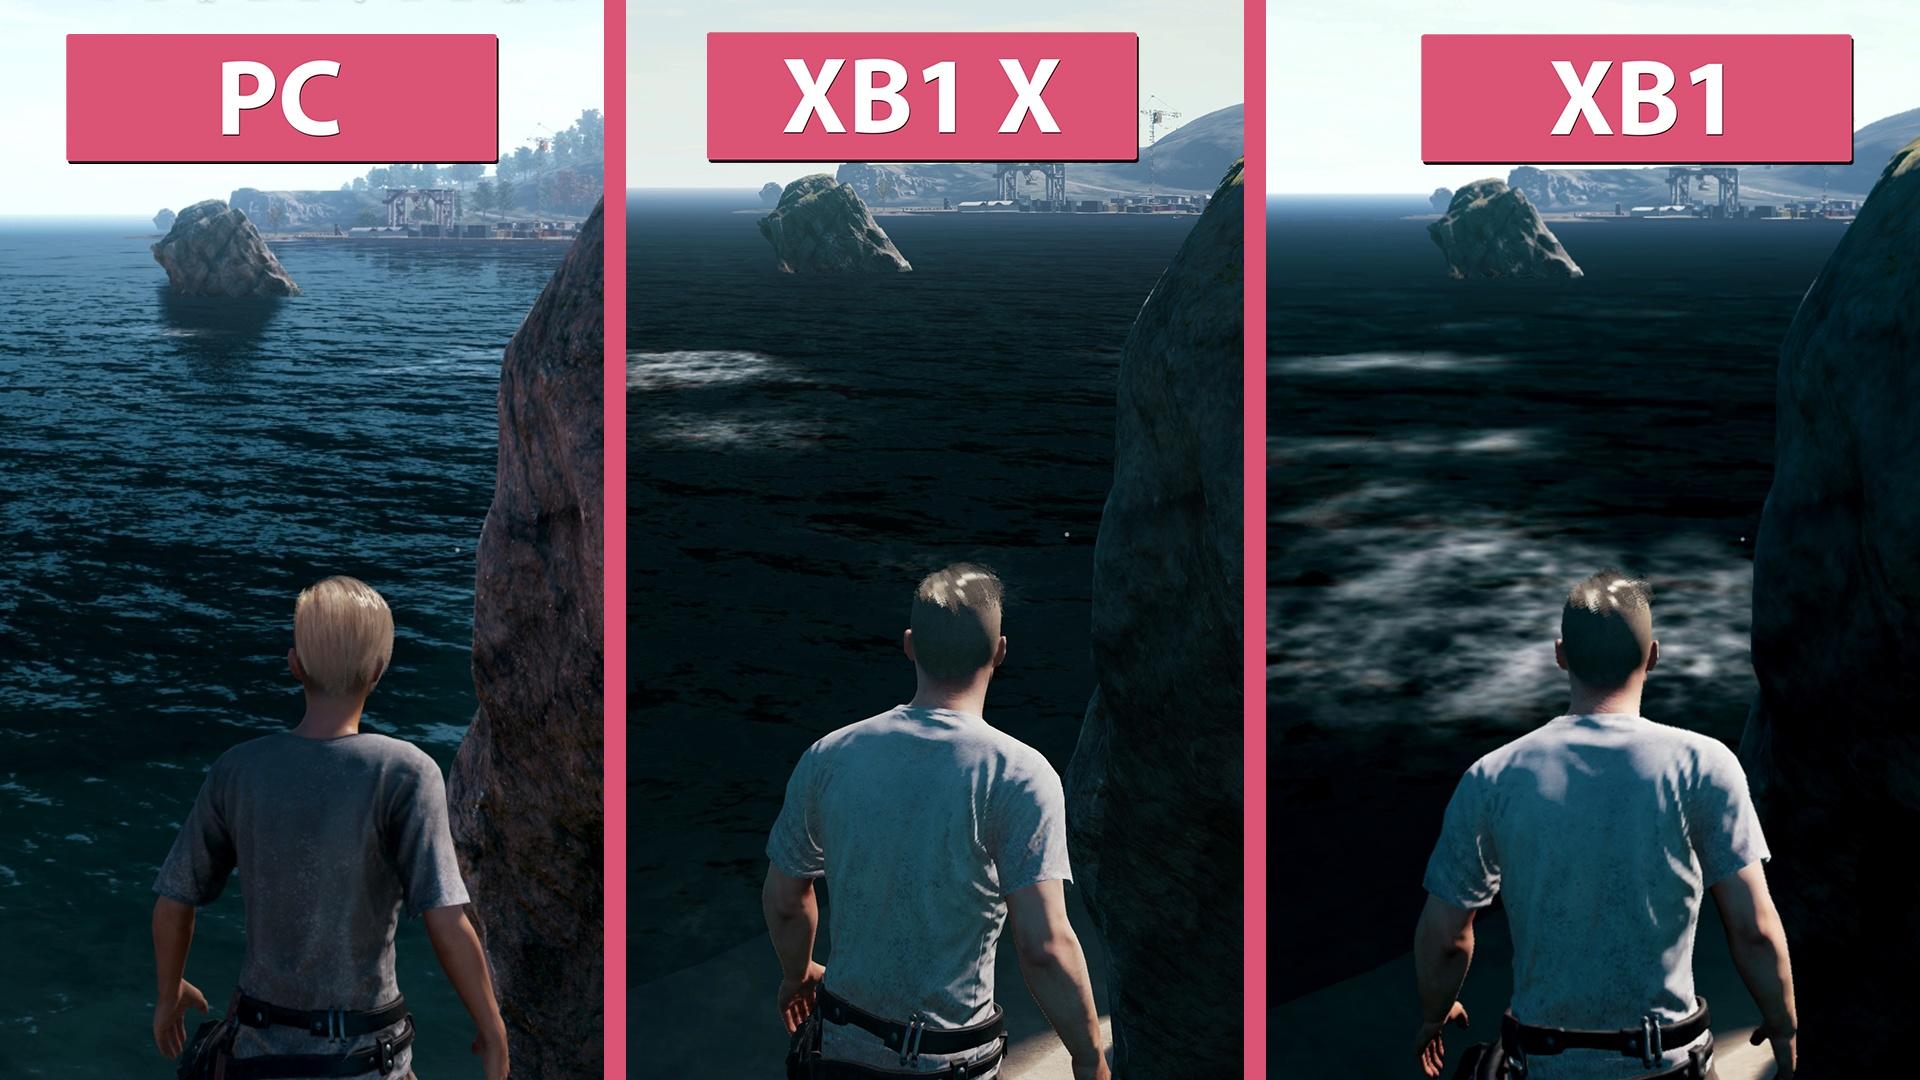 pubg pc gegen xbox one x und xbox one im grafik und. Black Bedroom Furniture Sets. Home Design Ideas